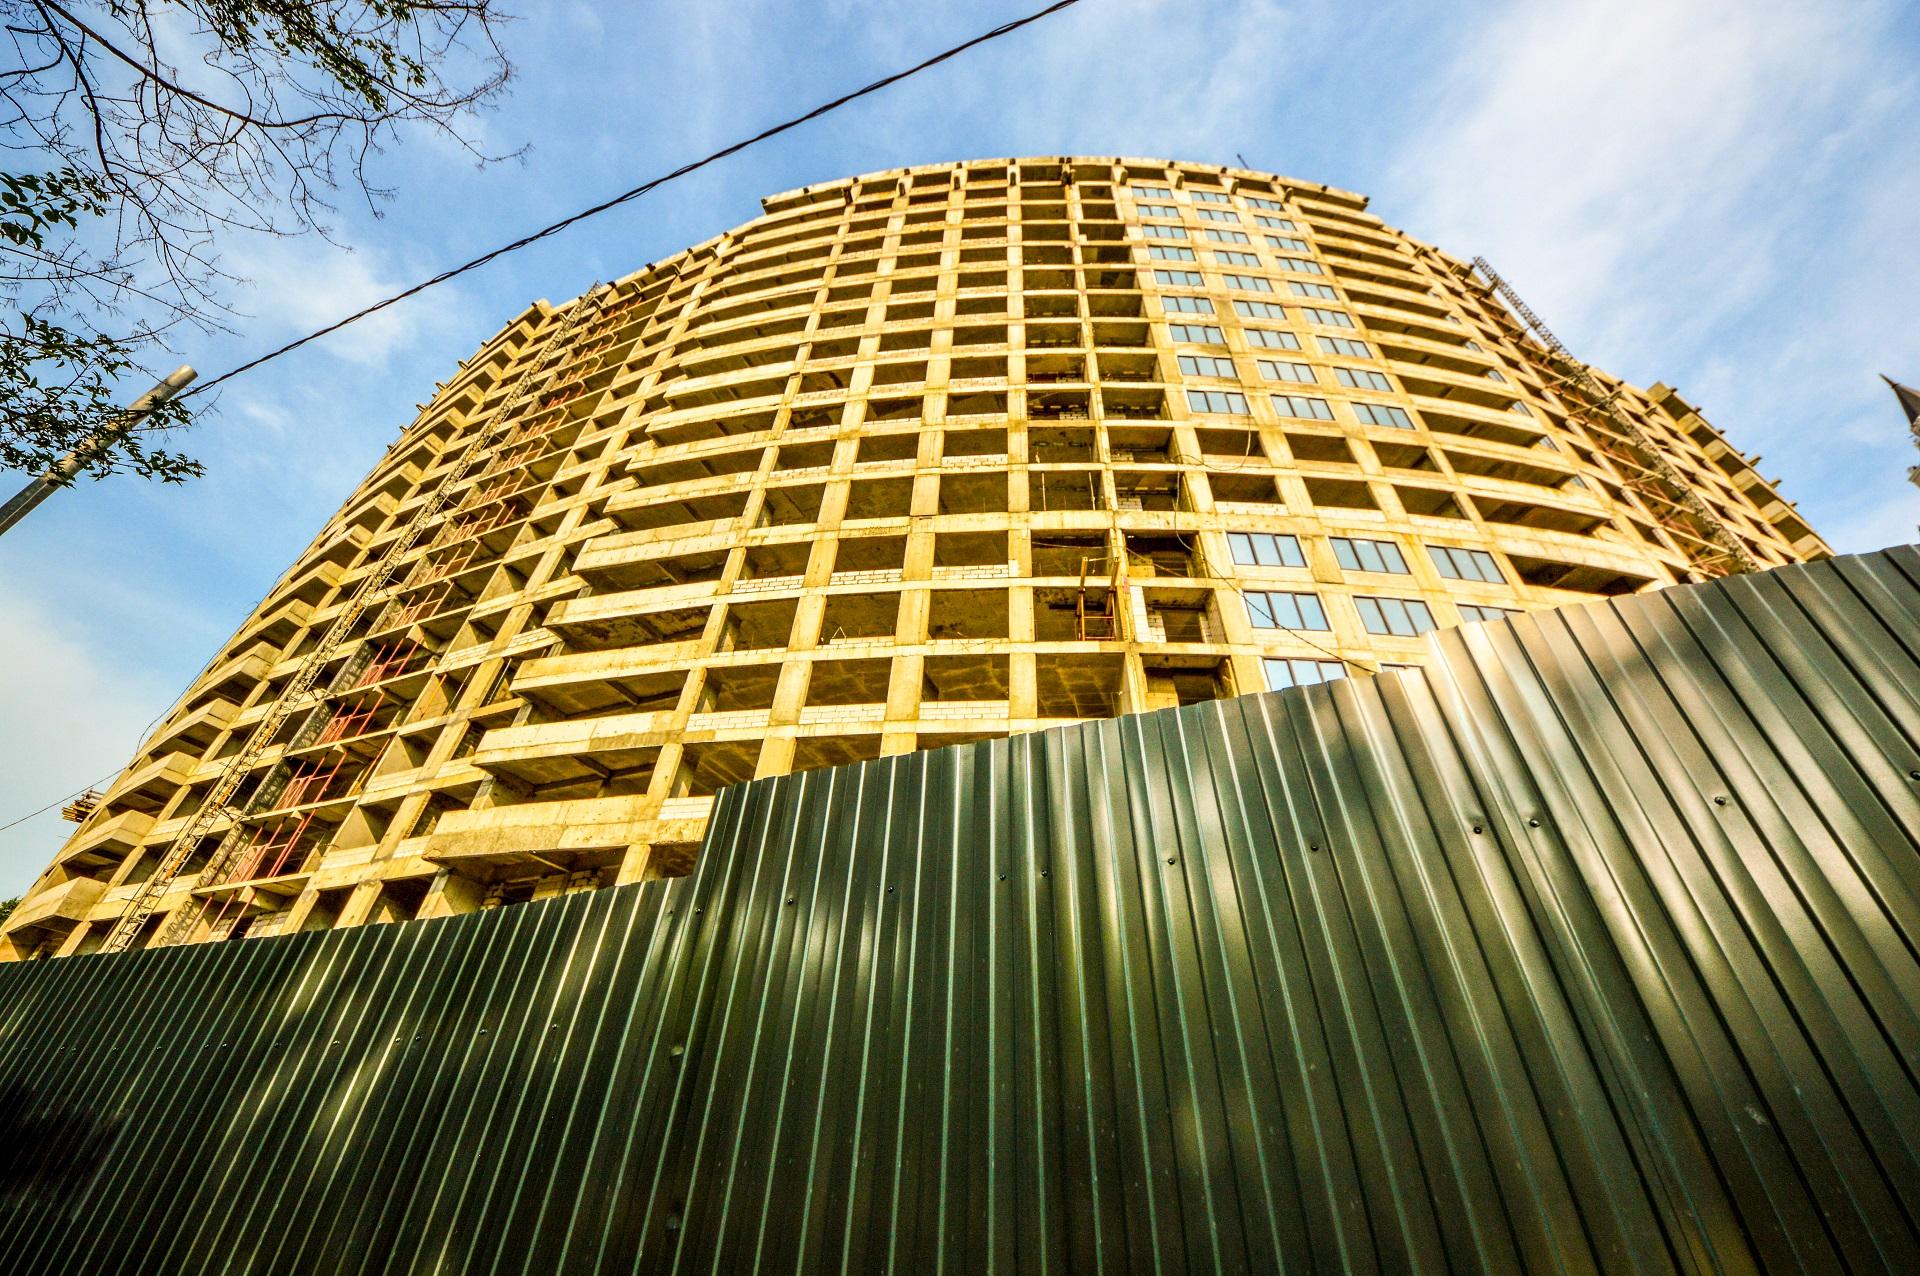 Недвижимость и финансовый кризис: может ли повториться коллапс 2008 года?